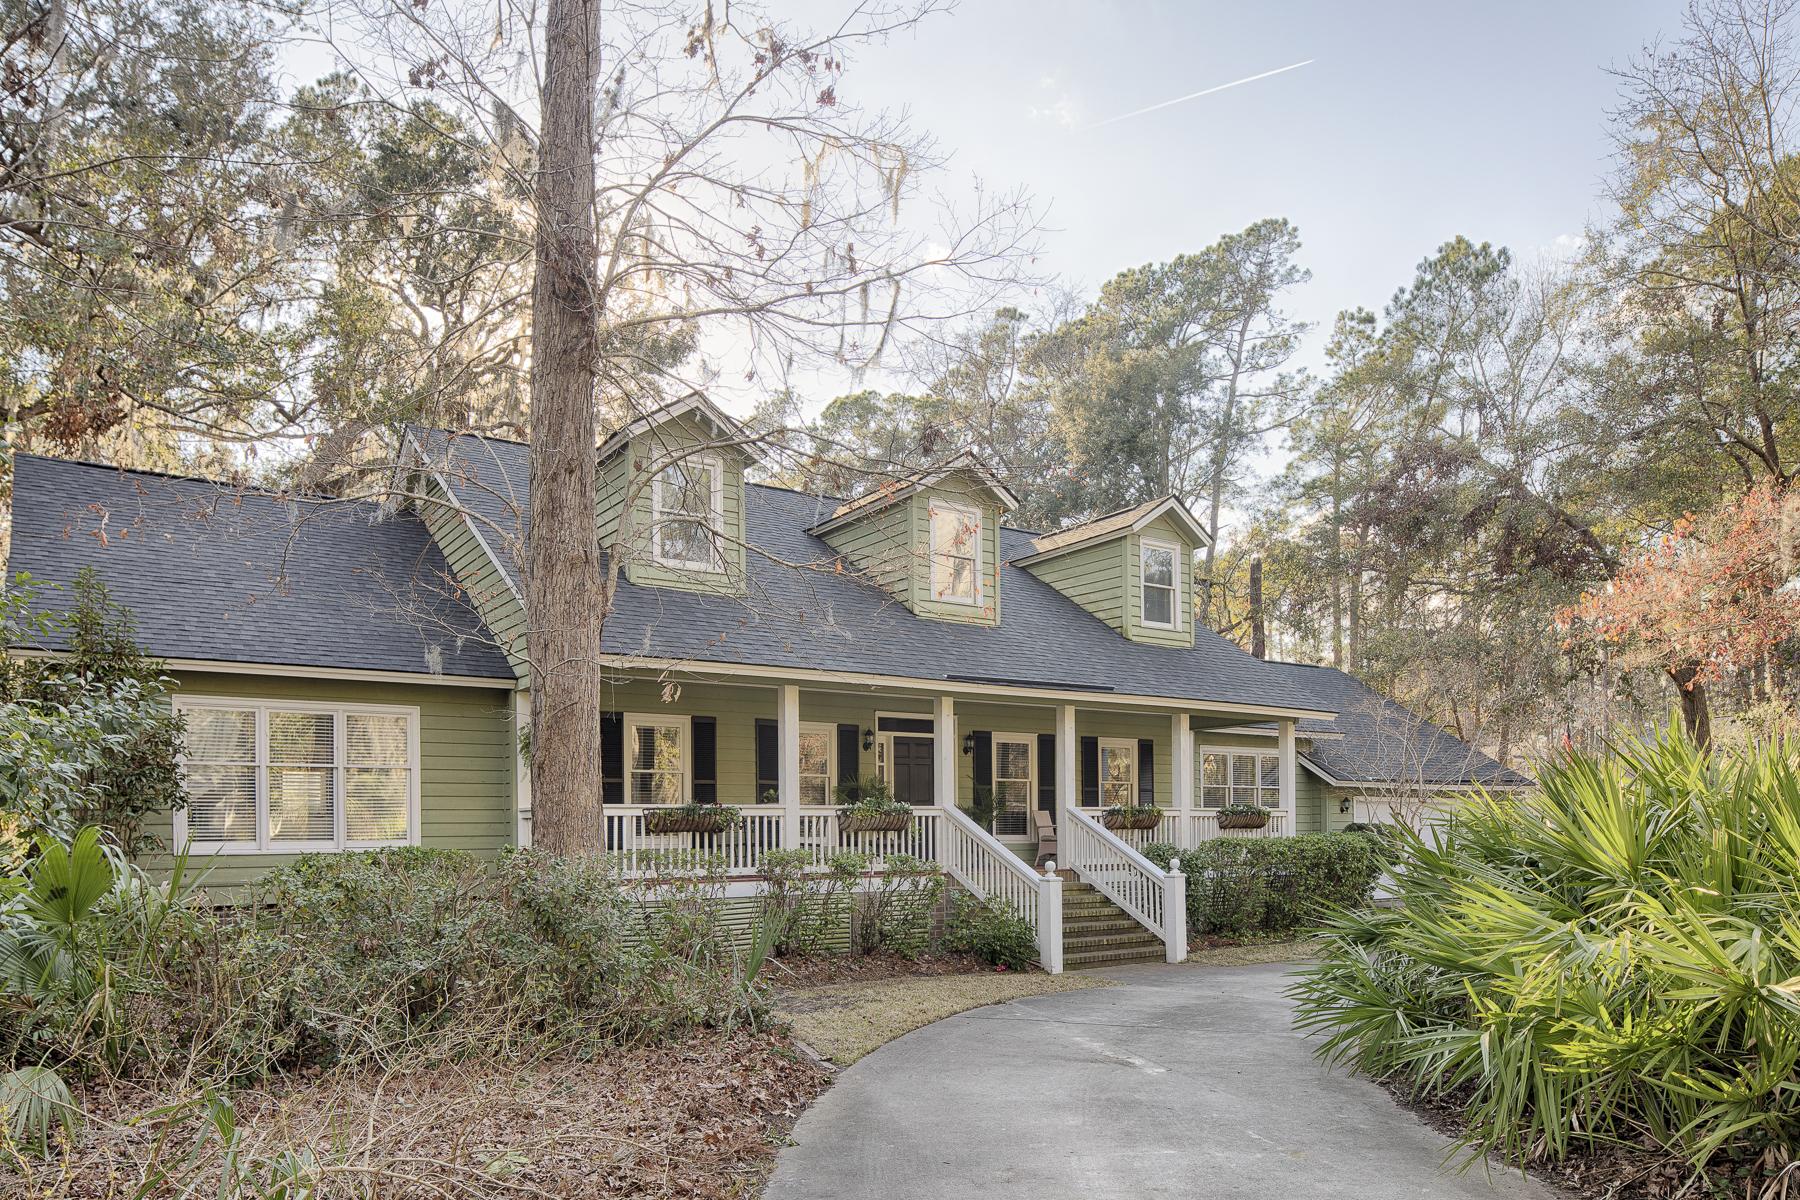 Частный односемейный дом для того Продажа на 8 Skipjack Lane Skidaway Island, Джорджия, 31411 Соединенные Штаты